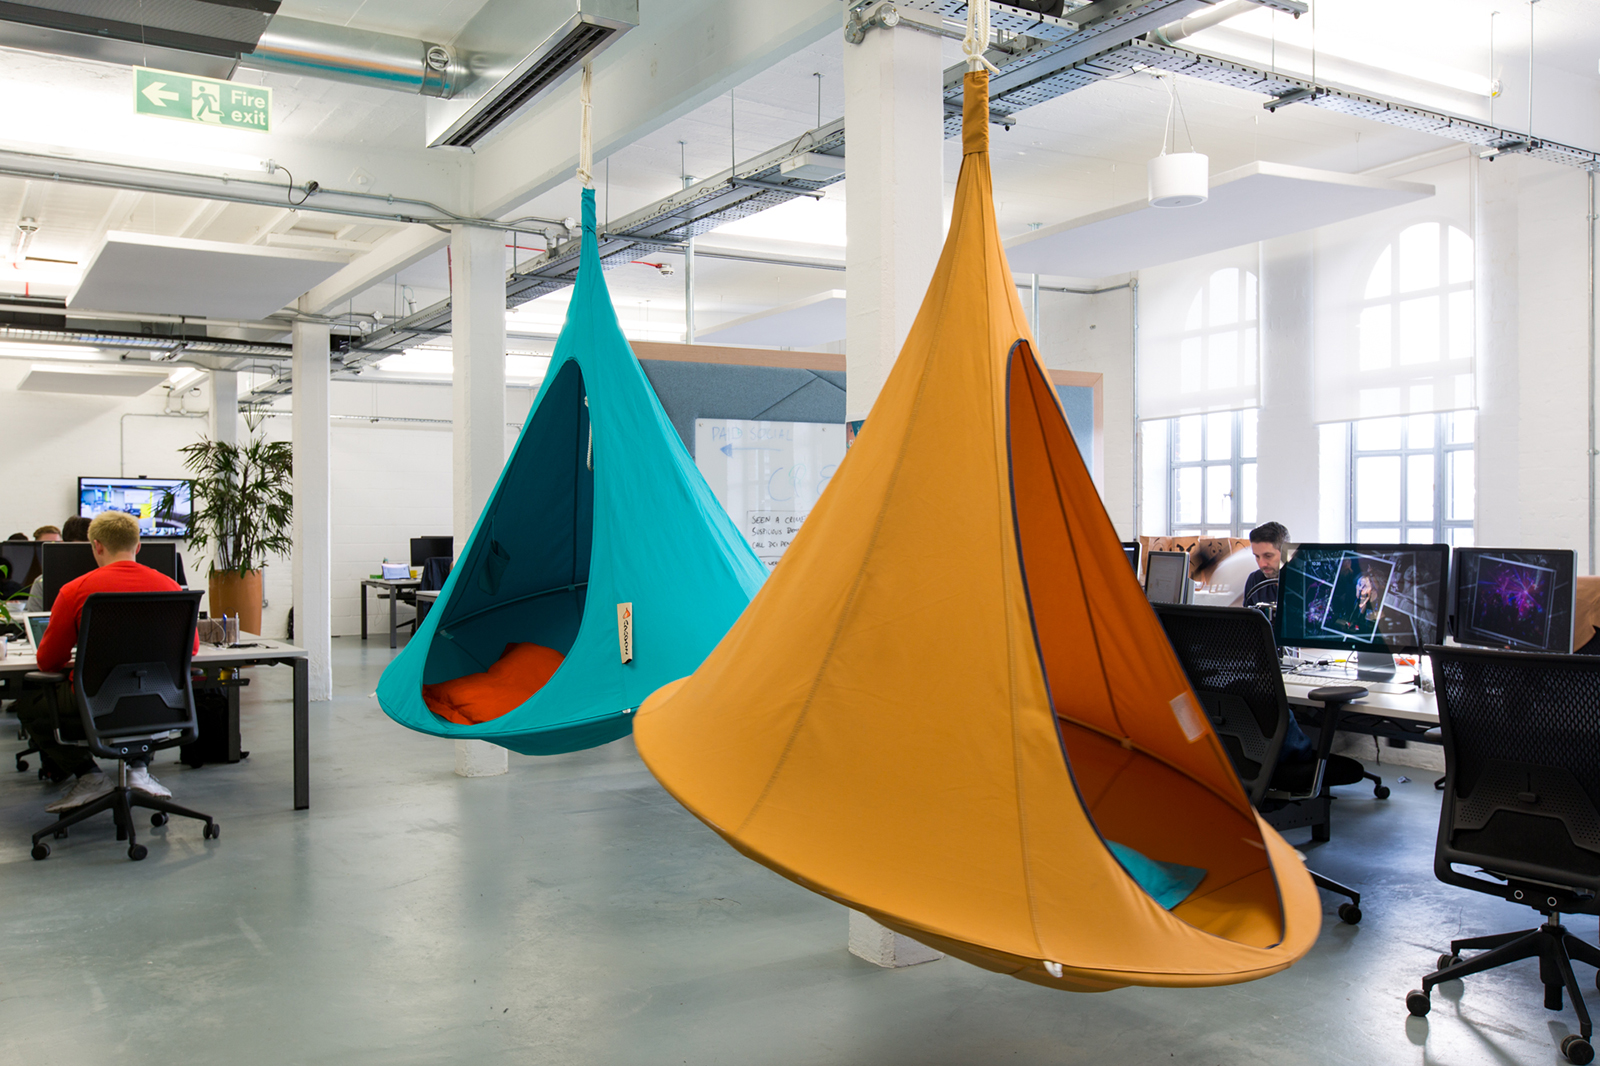 transferwirse-london-office-8